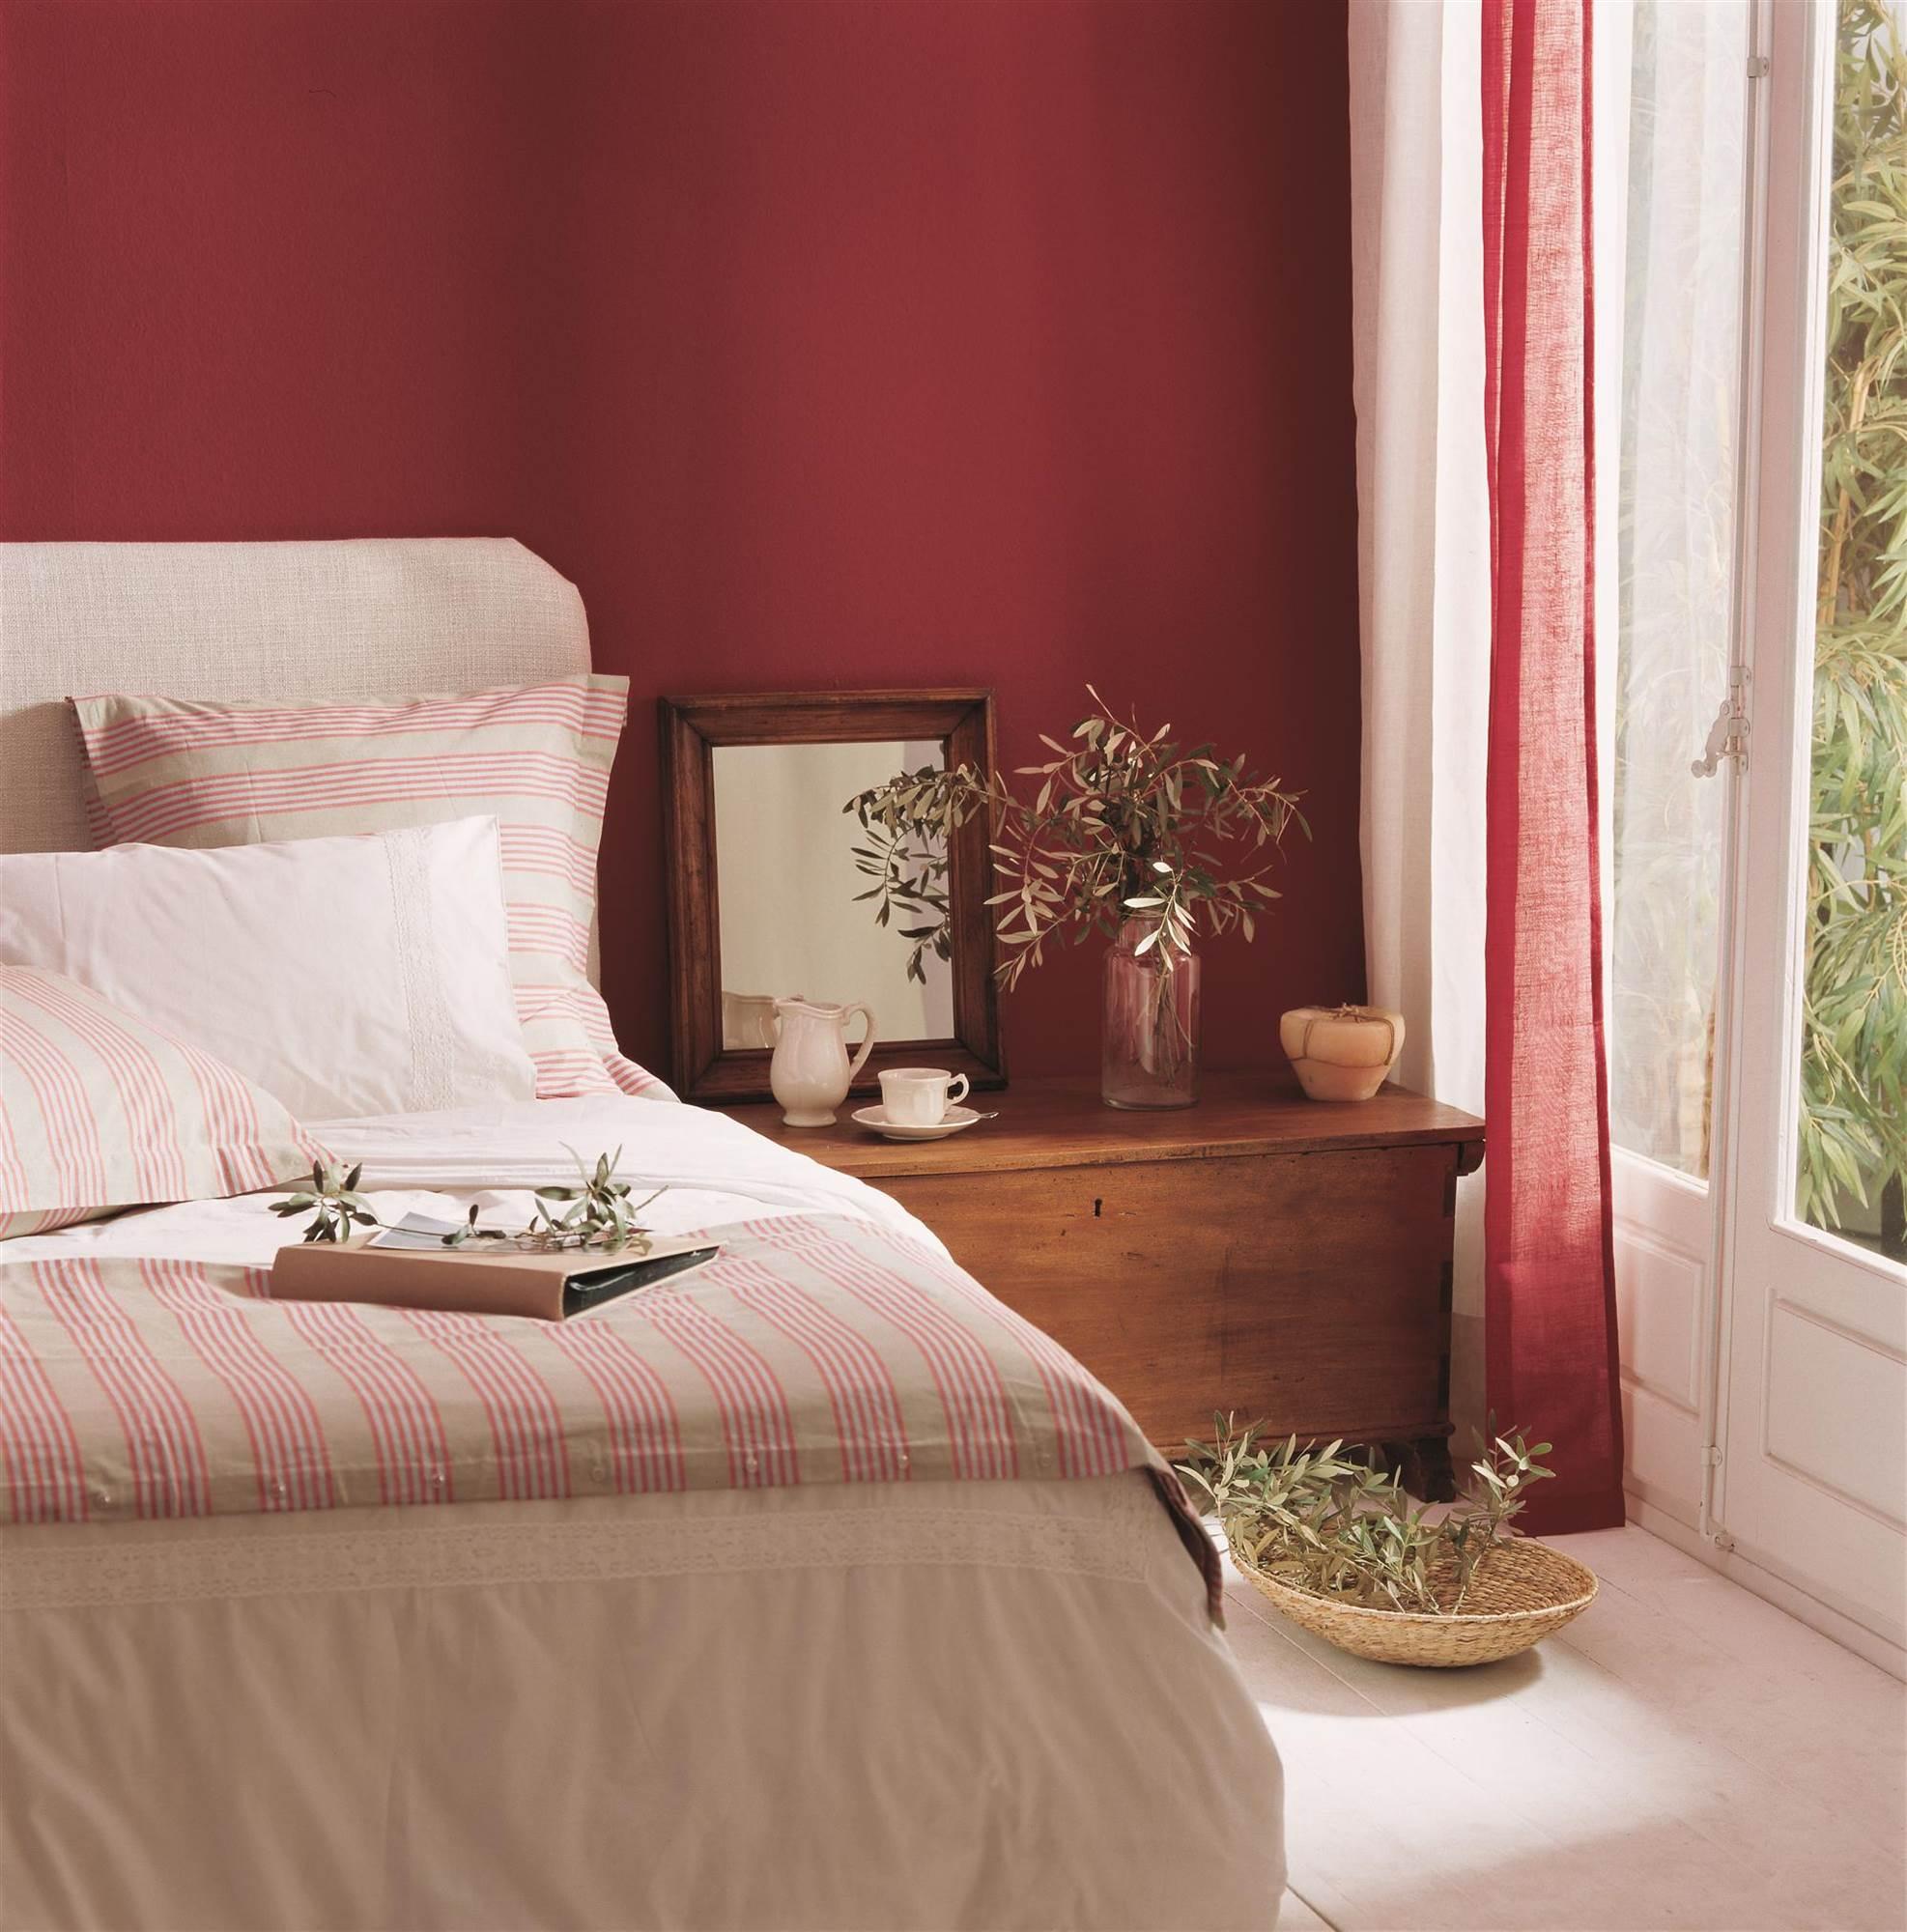 El color rojo en decoraci n - Pintar pared dormitorio ...